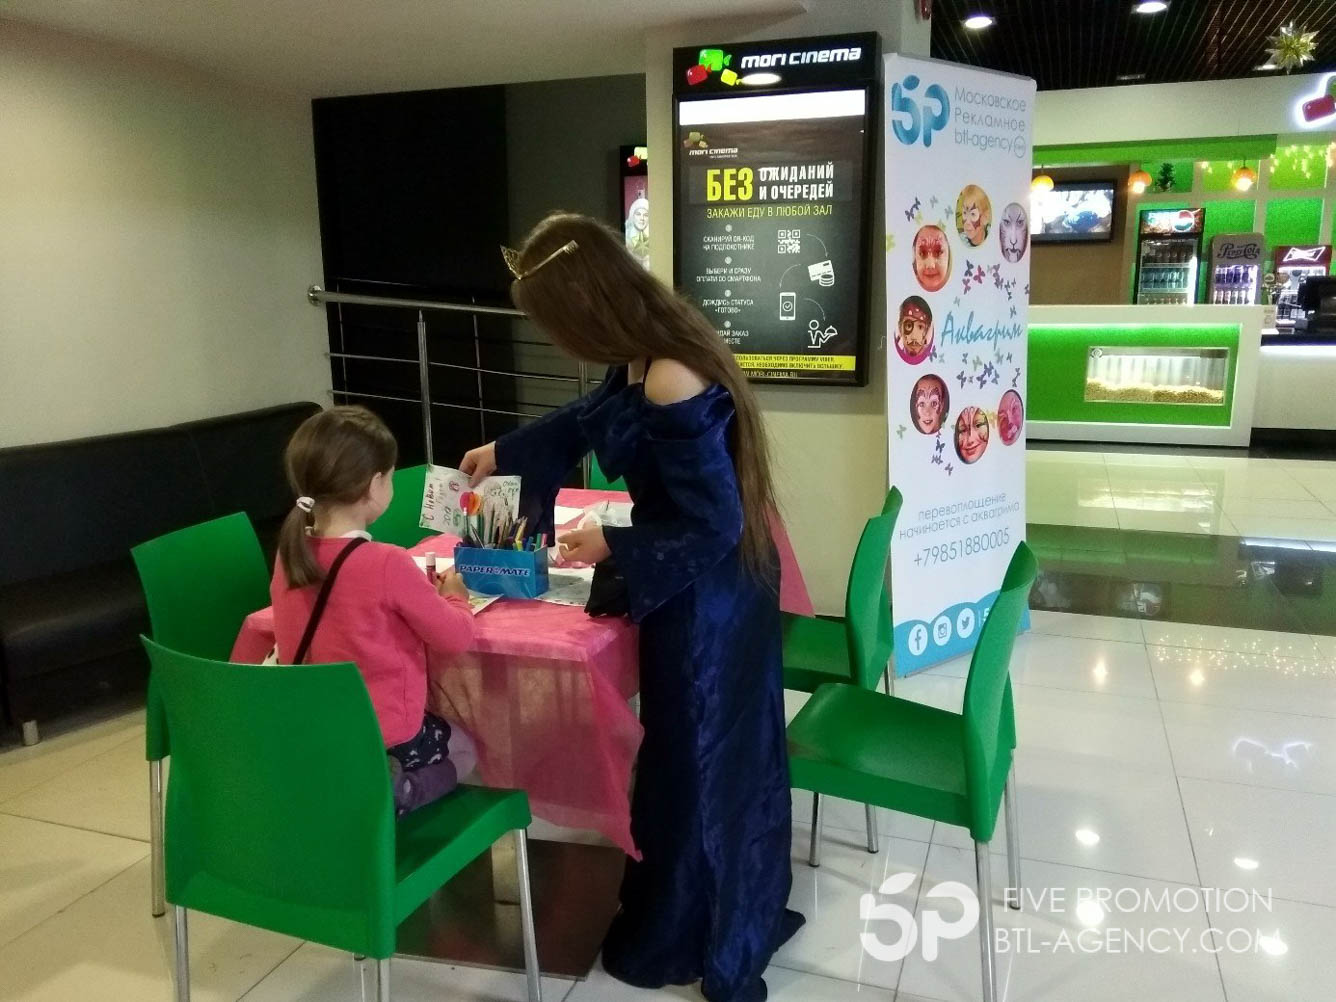 , Сотрудничество сеть кинотеатров МОРЕ СИНИМА и Five Promotion